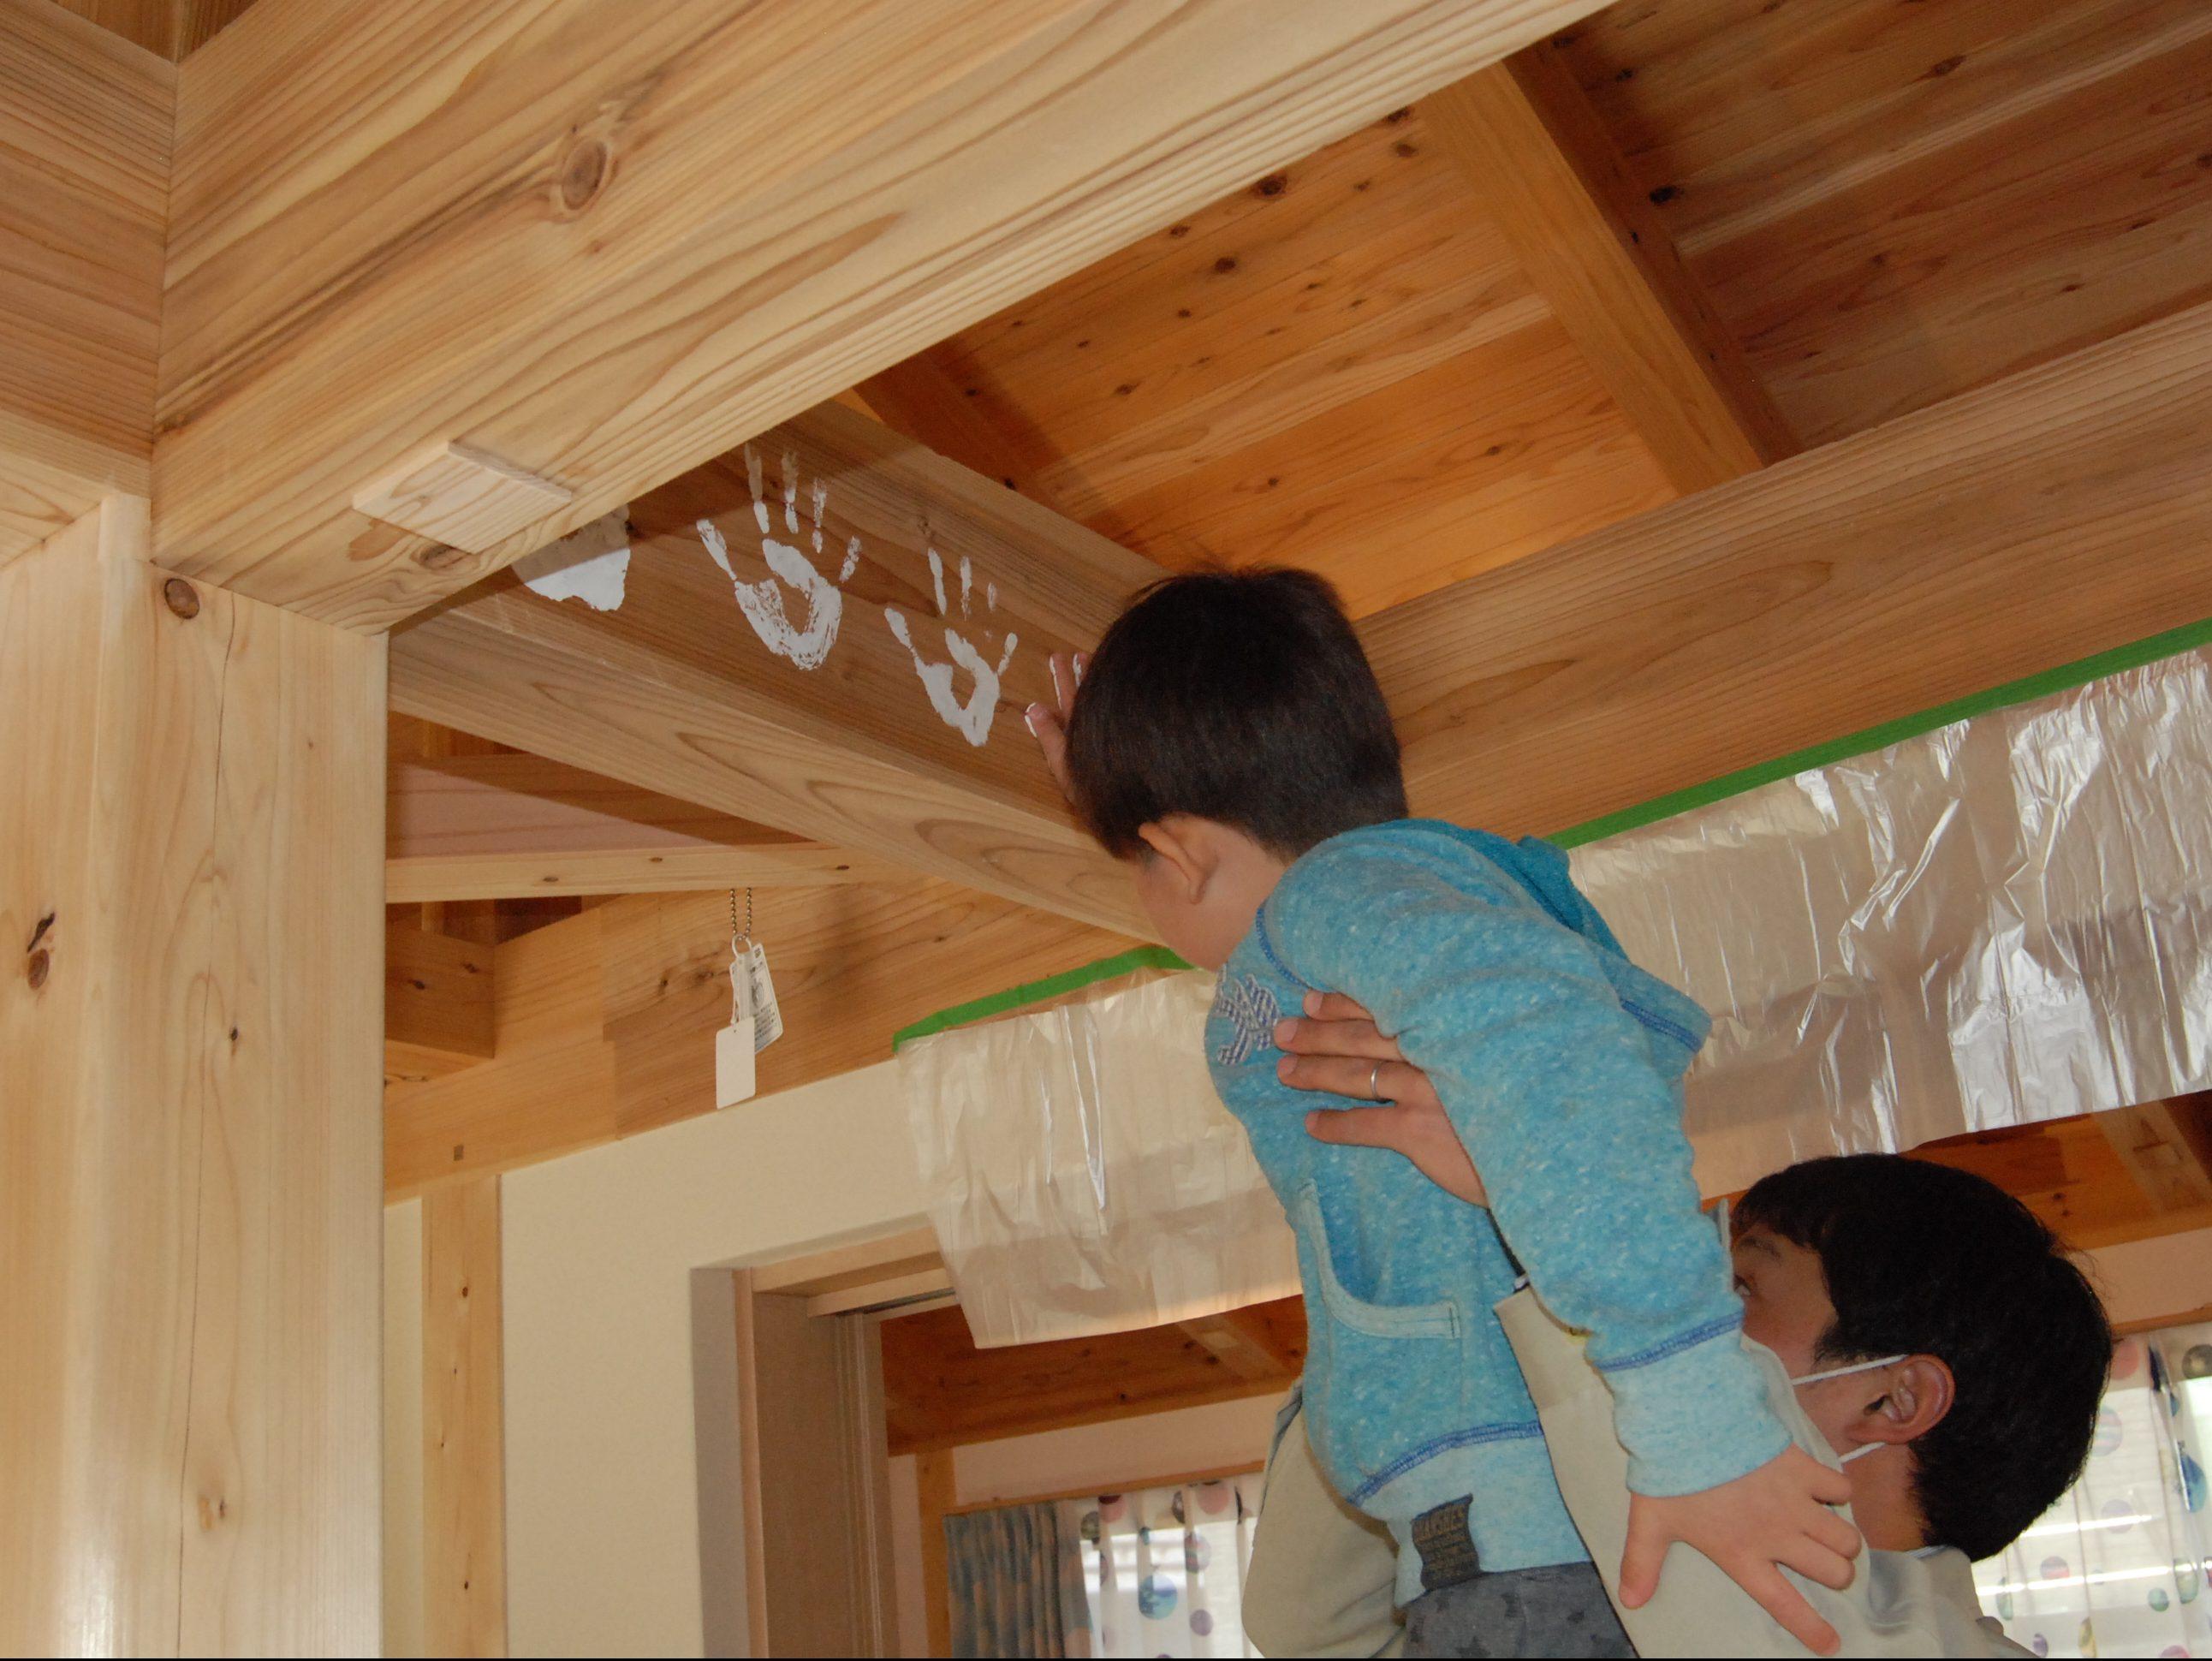 大阪でこどもが安心できる家を建てるソーラーコム